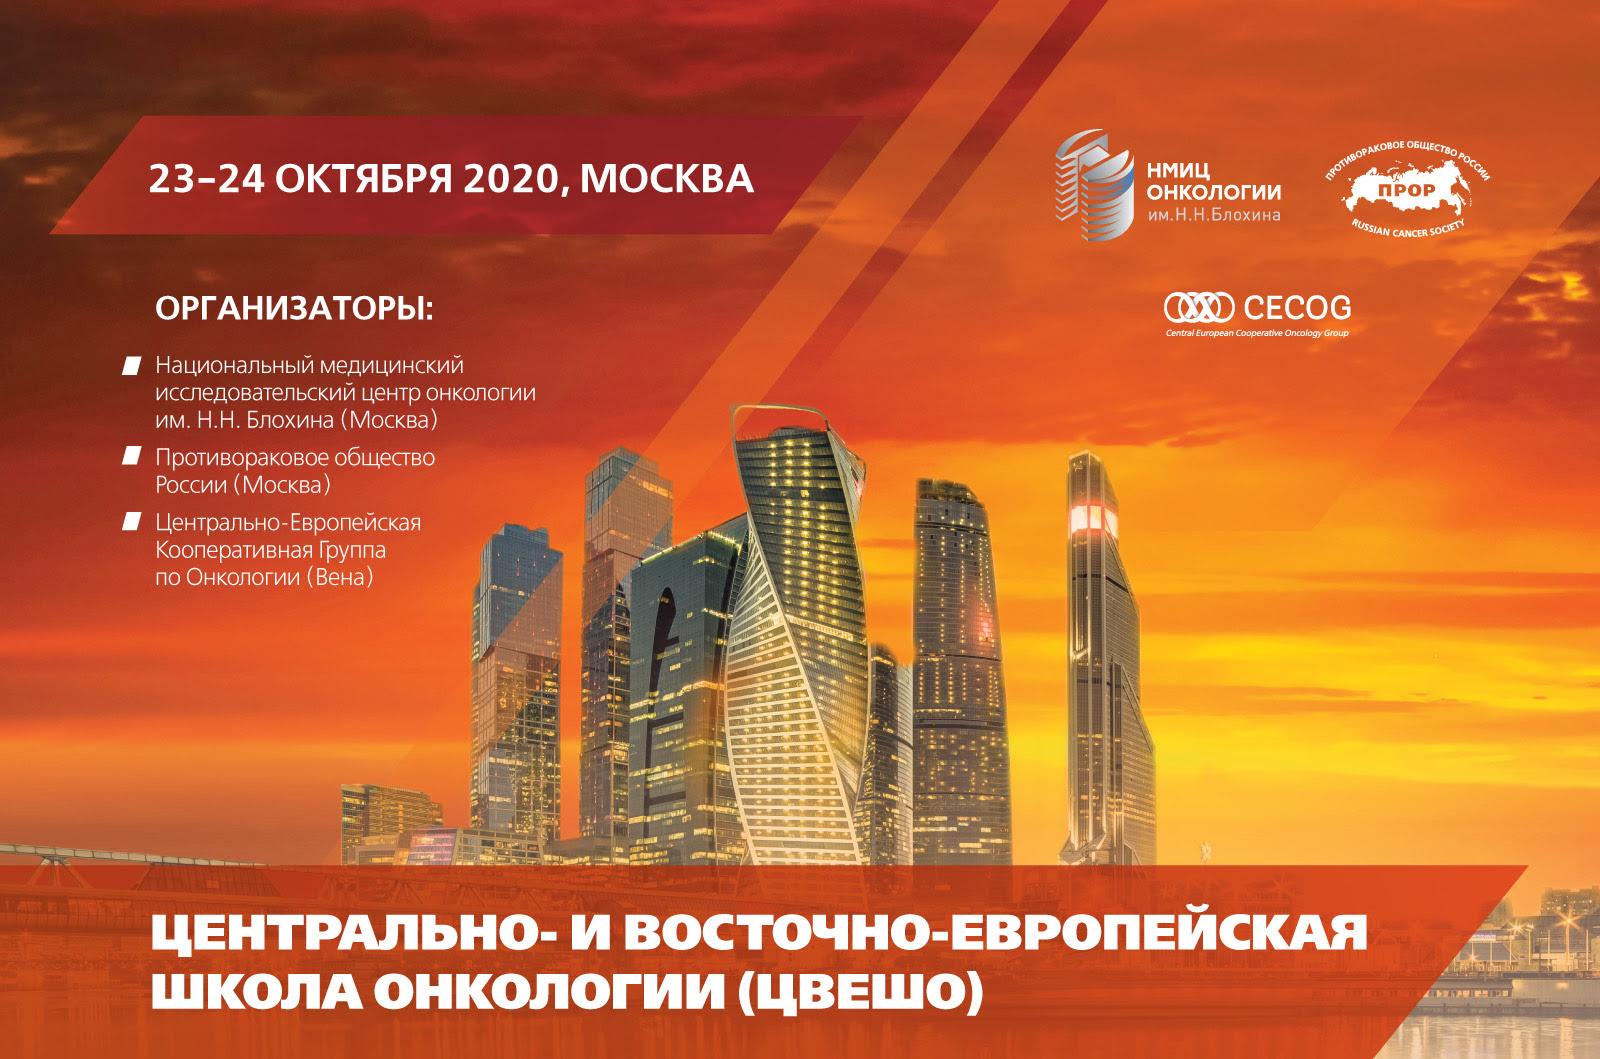 Центрально- и Восточно-Европейская Школа онкологии